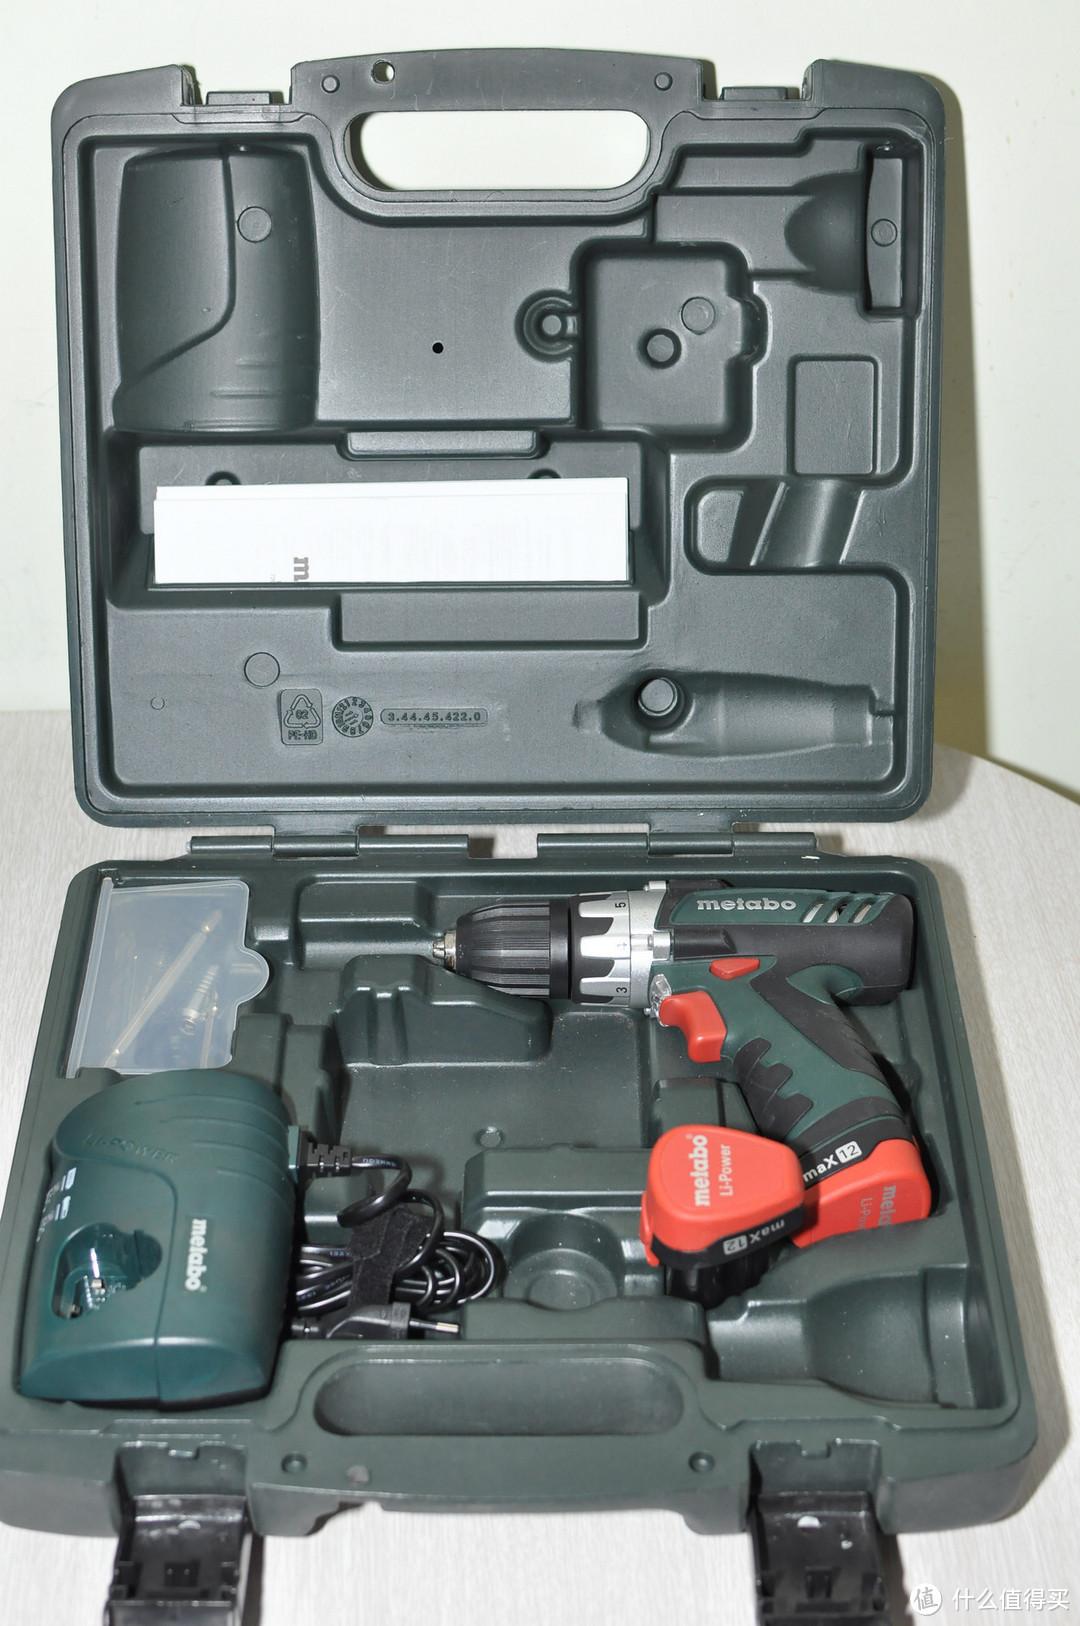 DIY工具之:麦太保 Powermaxx12 10.8v 充电扳手 手钻